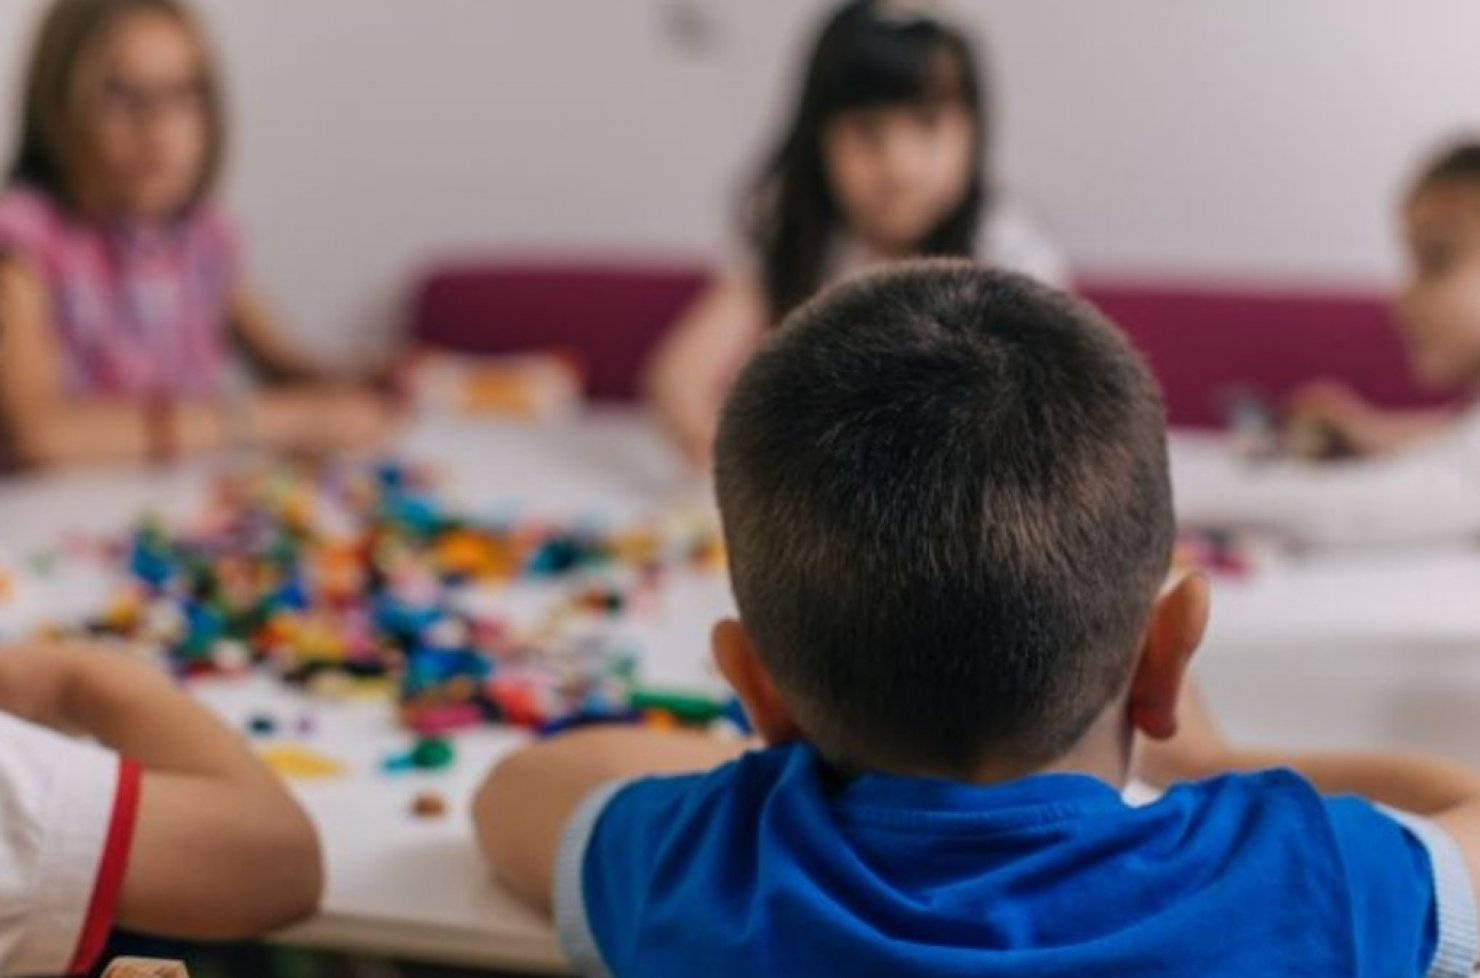 Richiesta di estensione del Protocollo di Intesa per garantire la sicurezza ai lavoratori dei servizi educativi per l'infanzia